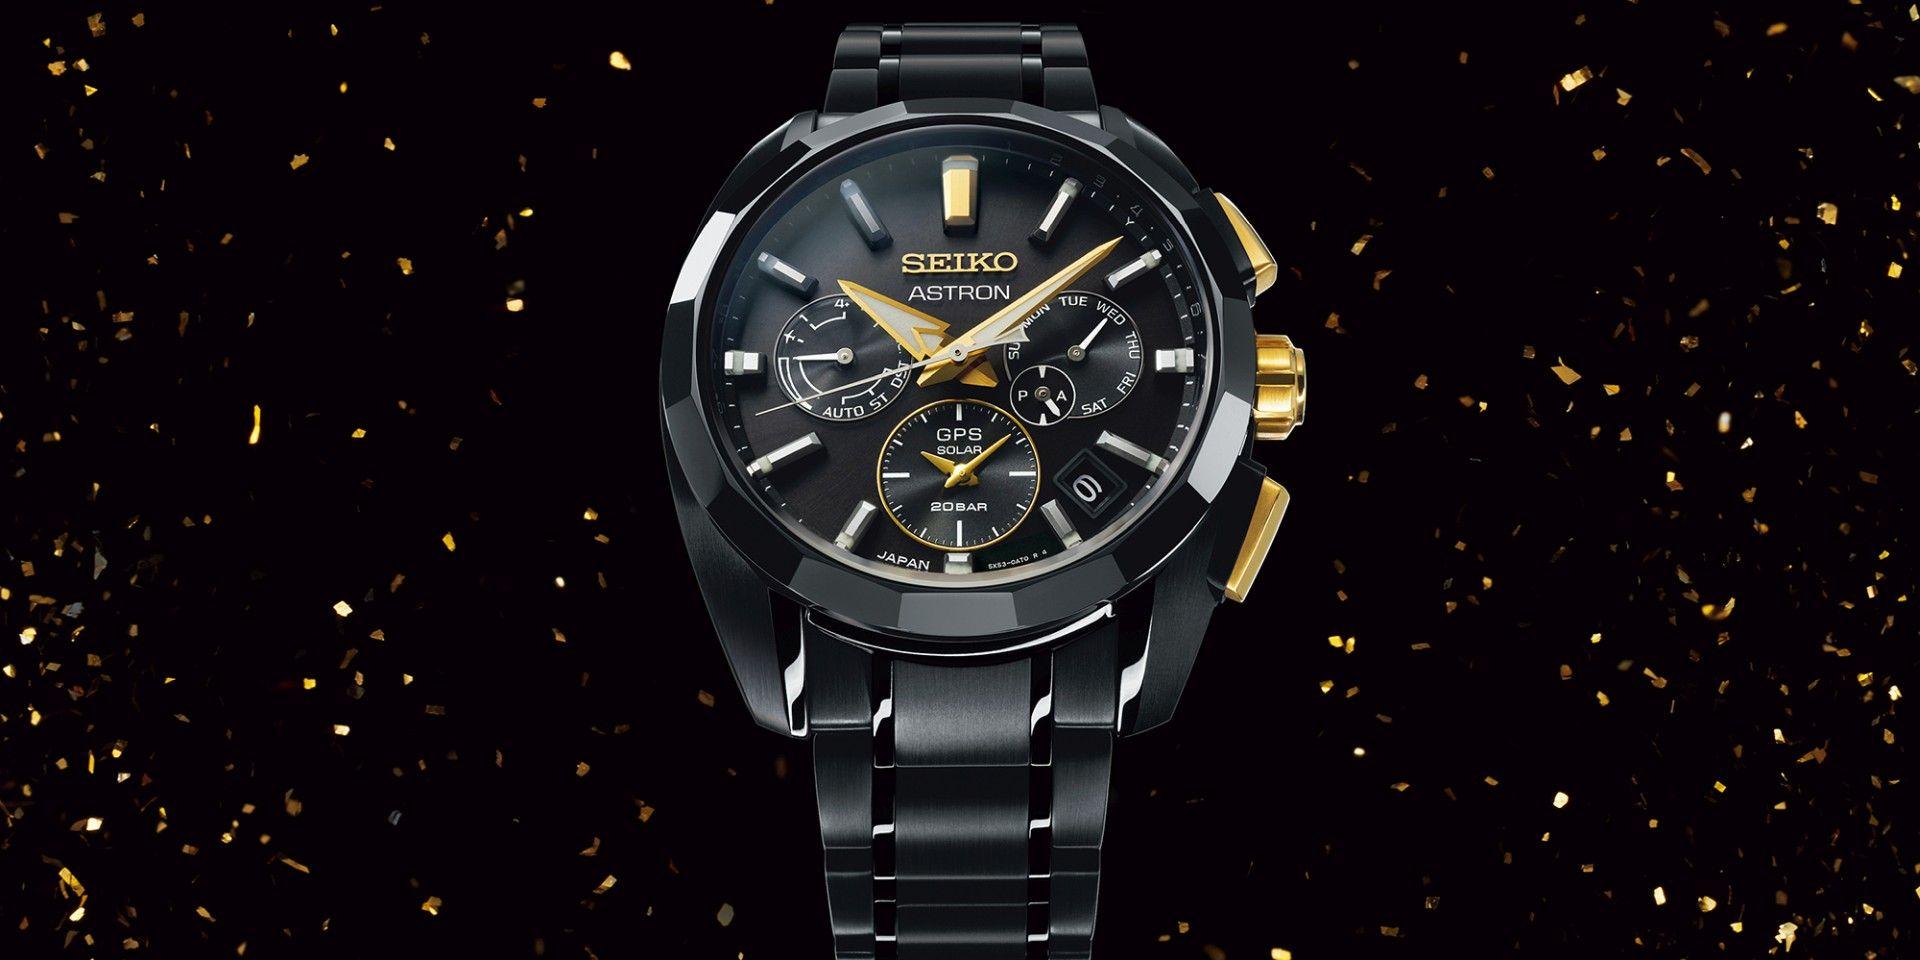 致敬創辦人「永遠領先一步」的理念,SEIKO推出Astron服部金太郎先生160週年誕辰紀念錶SSH073J1